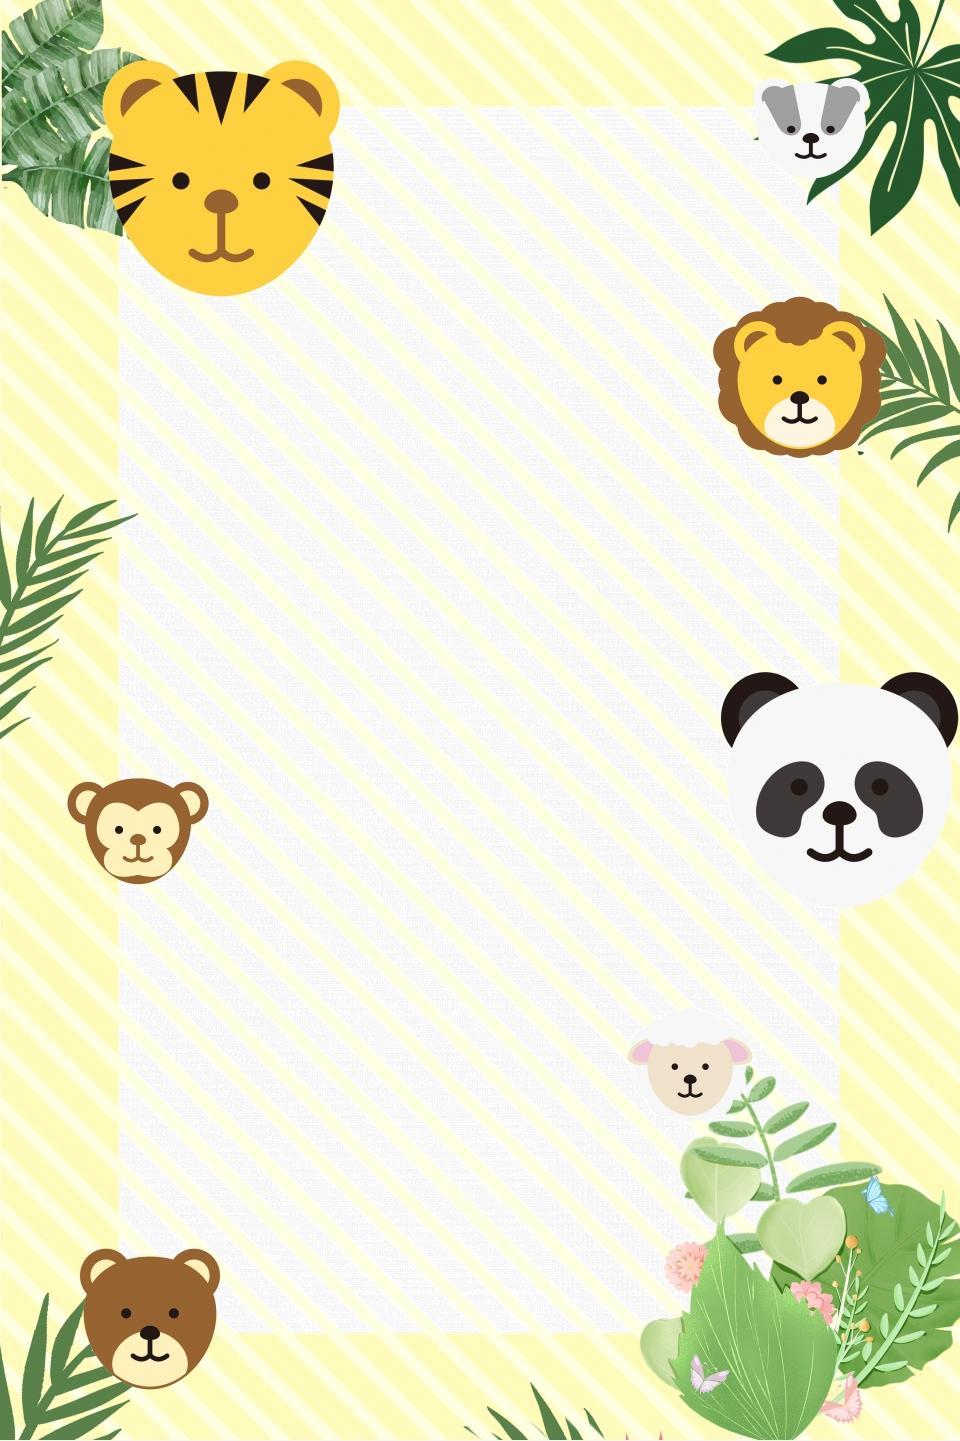 Dessin Anime Frais Zoo Monde Animal De Anime Zoo Image De Fond Pour Le Telechargement Gratuit